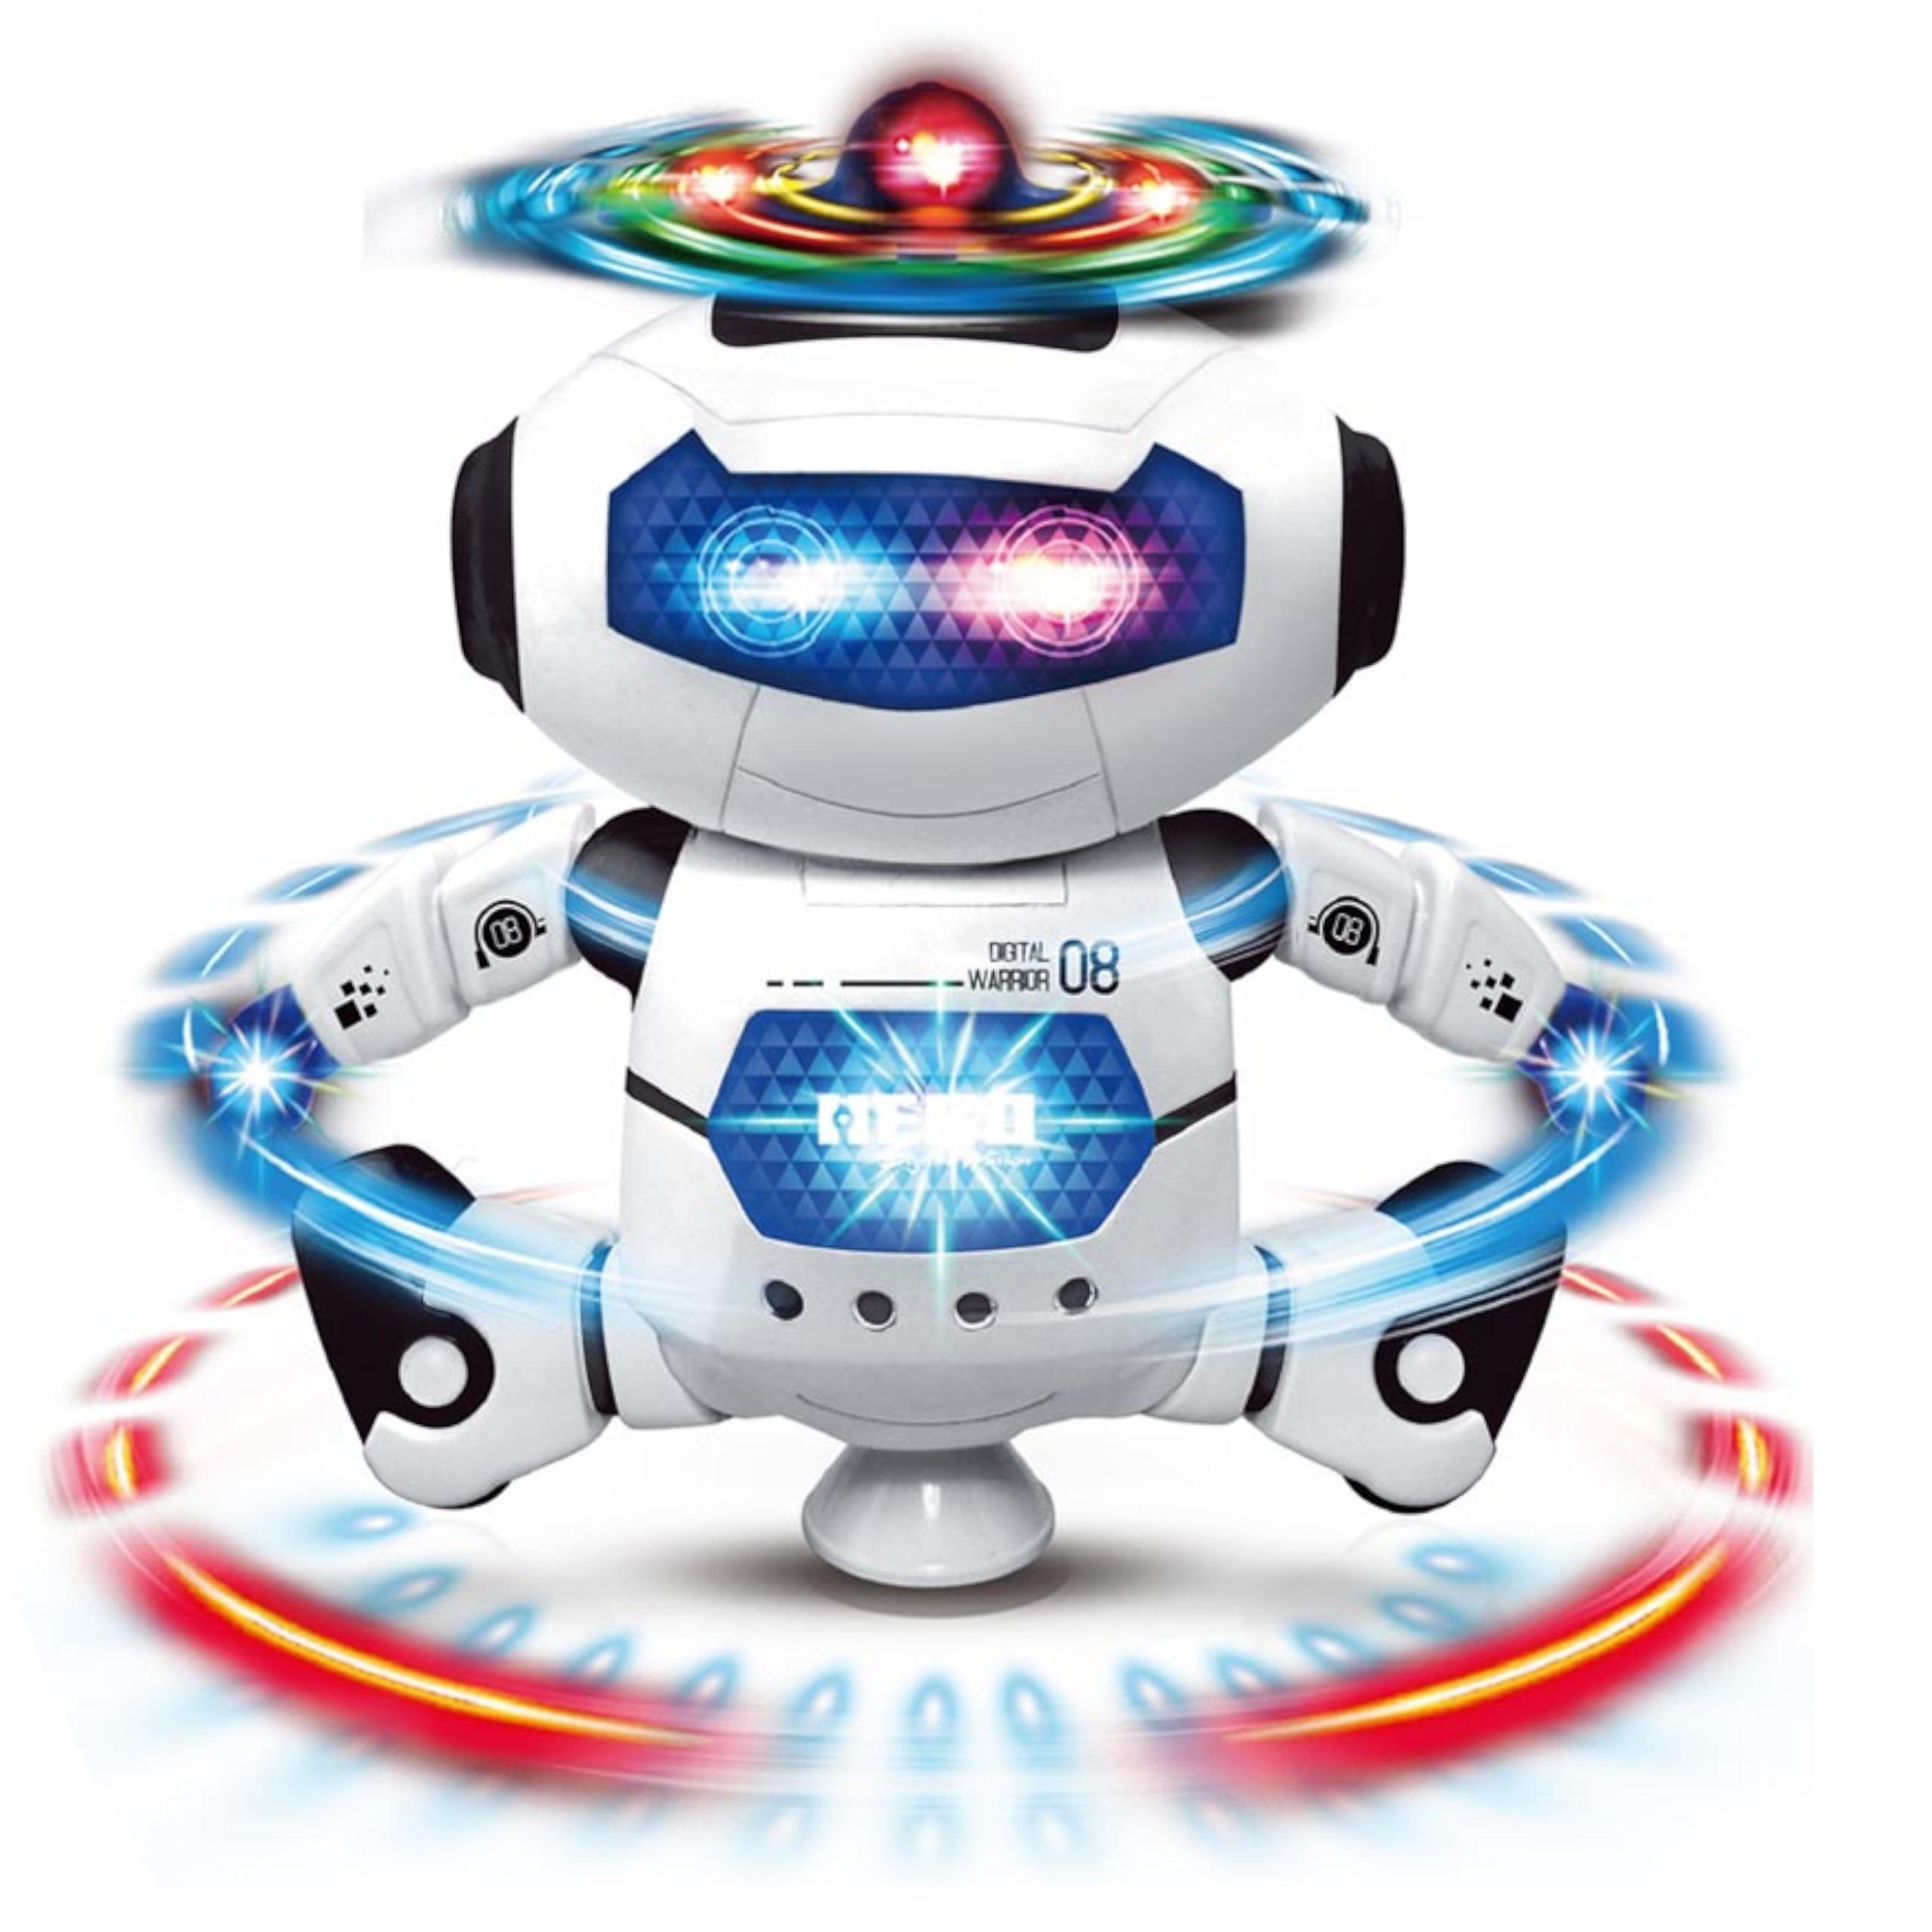 Tańczący robot interaktywny jeździ dźwięki 44-2 Certyfikaty, opinie, atesty CE EN 71